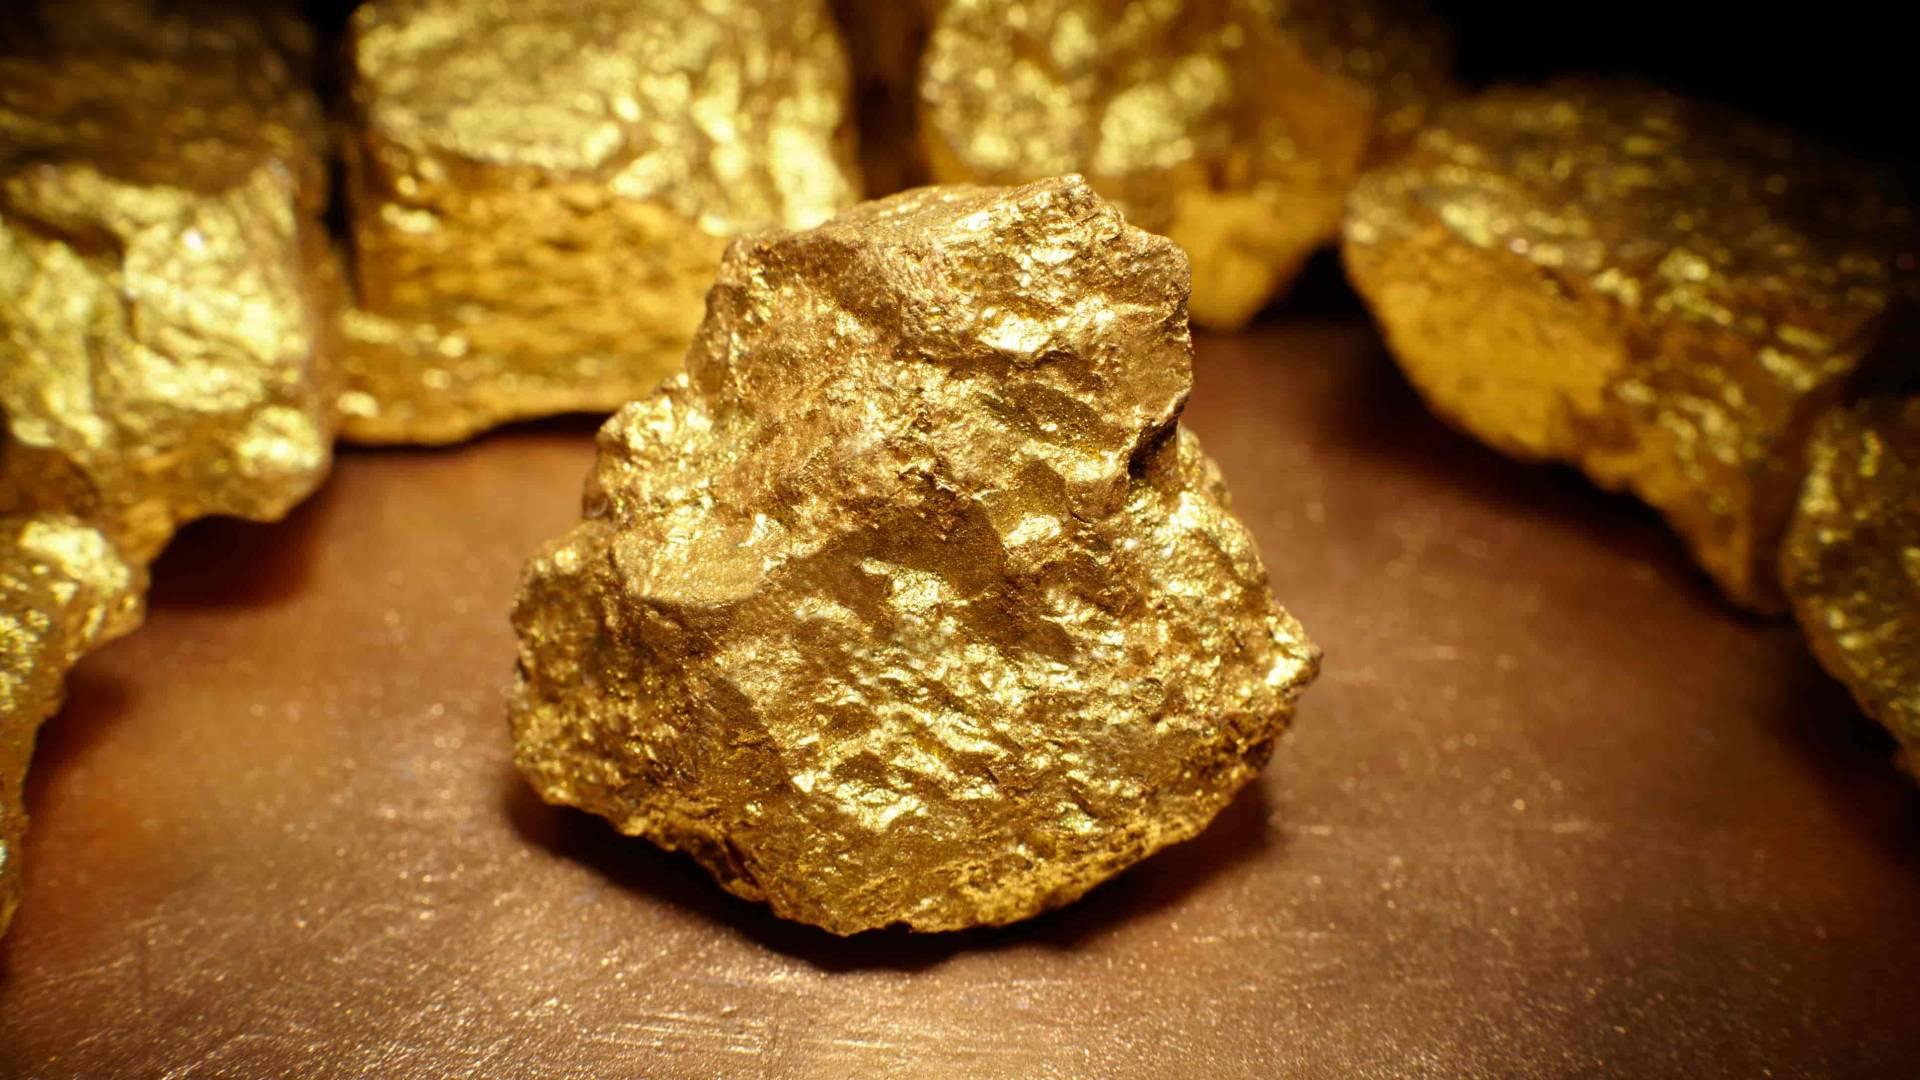 Μέταλλο Χρυσού: Πώς Έγινε η Βάση του Παγκόσμιου Νομισματικού Συστήματος